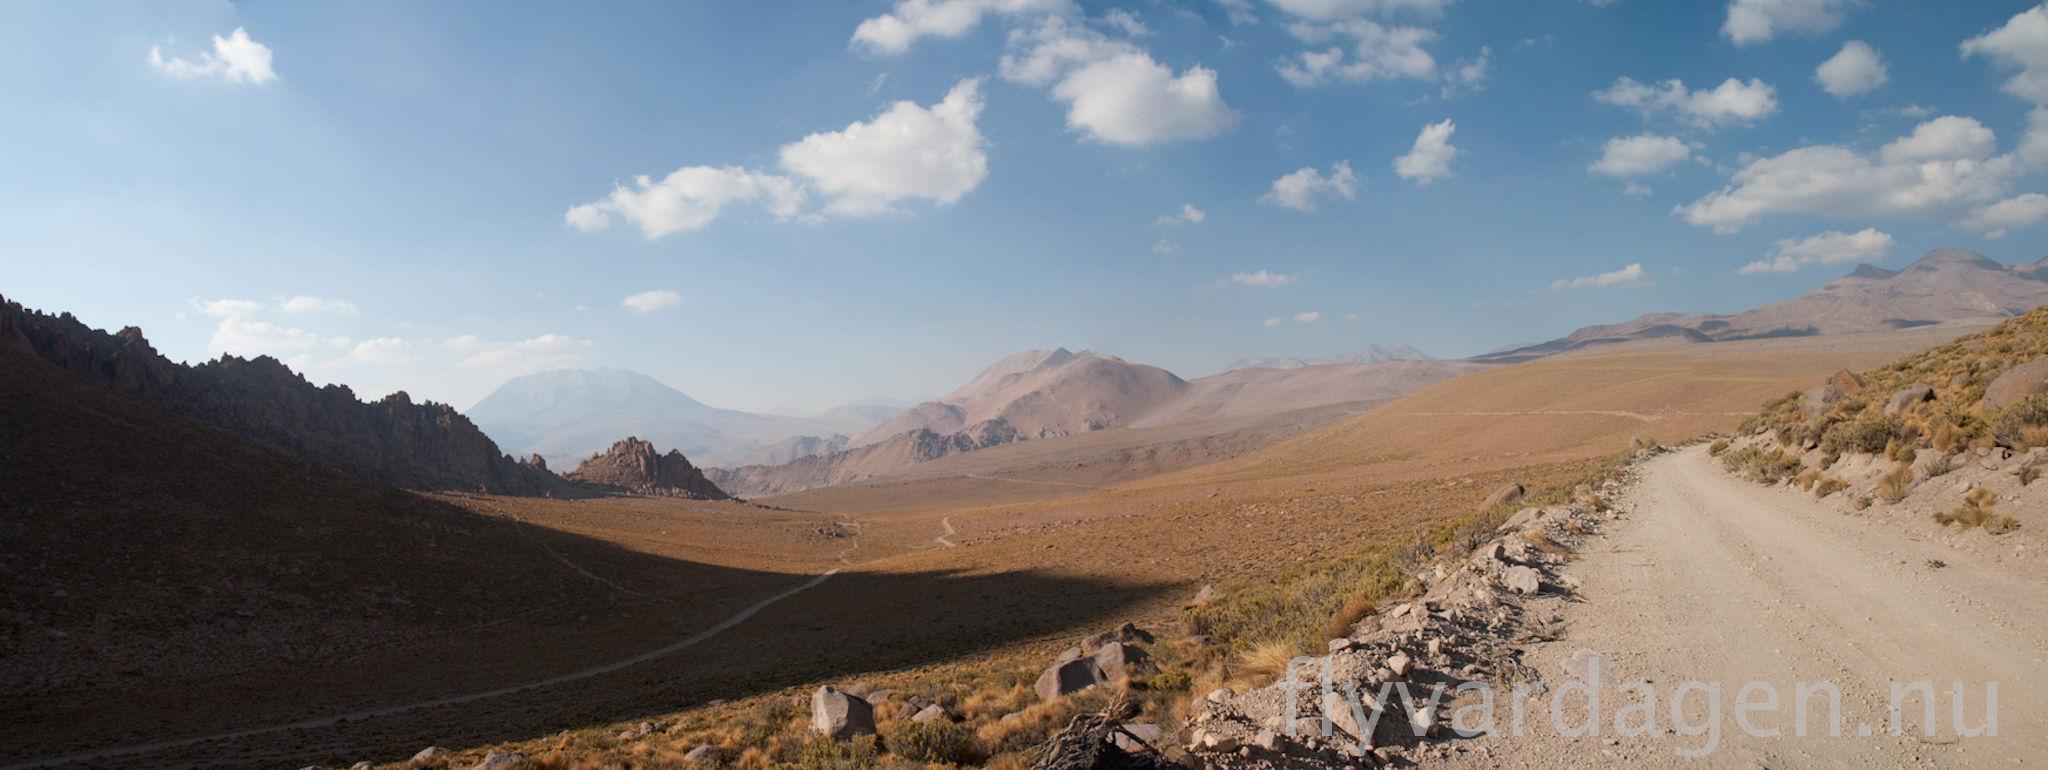 panorama-geisers-3